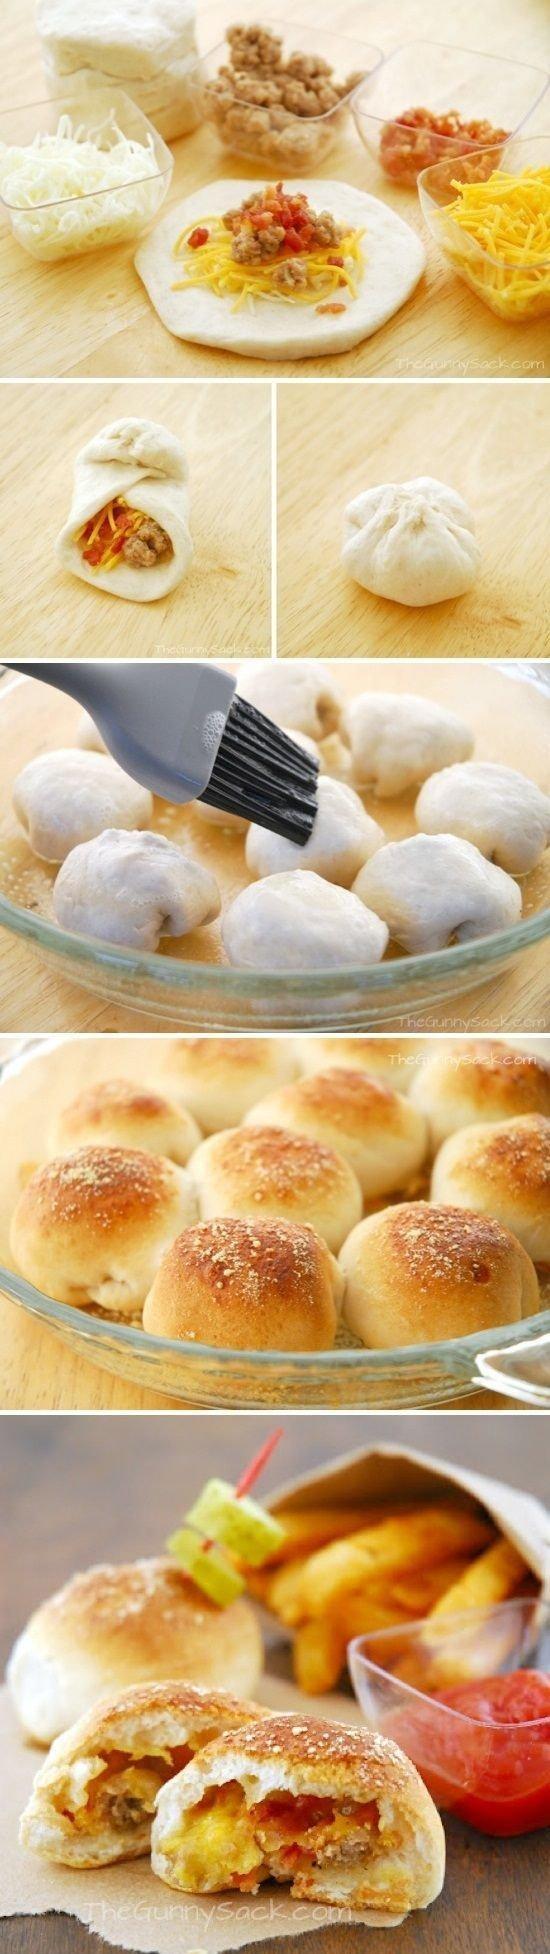 Bułeczki z mięsem mielonym, serem i pomidorami....  Gdyby komuś było potrzebne to poniżej przepis na ciasto i sposób przygotowania reszty.   Składniki: ciepła woda - 1 szklanka suszone drożdże -  10g (ja dałam 8g, bo tylko tyle miałam) olej - 1/3 szklanki sól -  1 łyżeczka jajko - 1 mąka - 3 1/2 szklanki Przygotowanie: Do miski wsypać mąkę, suche drożdże i sól. Dodać ciepłą wodę, olej i jajko i połączyć dokładnie składniki. Wysypać ciasto na stolnicę i wyrobić. Włożyć ciasto do miski, przykryć ściereczką i odstawić na 30 minut.  Podzielić ciasto na części, formować niewielkie kółka, na środku każdego położyć ser, mięso i pomidory i w dłoniach uformować kuleczki. Ułożyć bułeczki obok siebie w odstępach. Posmarować roztrzepanym jajkiem. Piec w temperaturze 200 stopni przez 15-20 minut aż bułeczki się zarumienią.